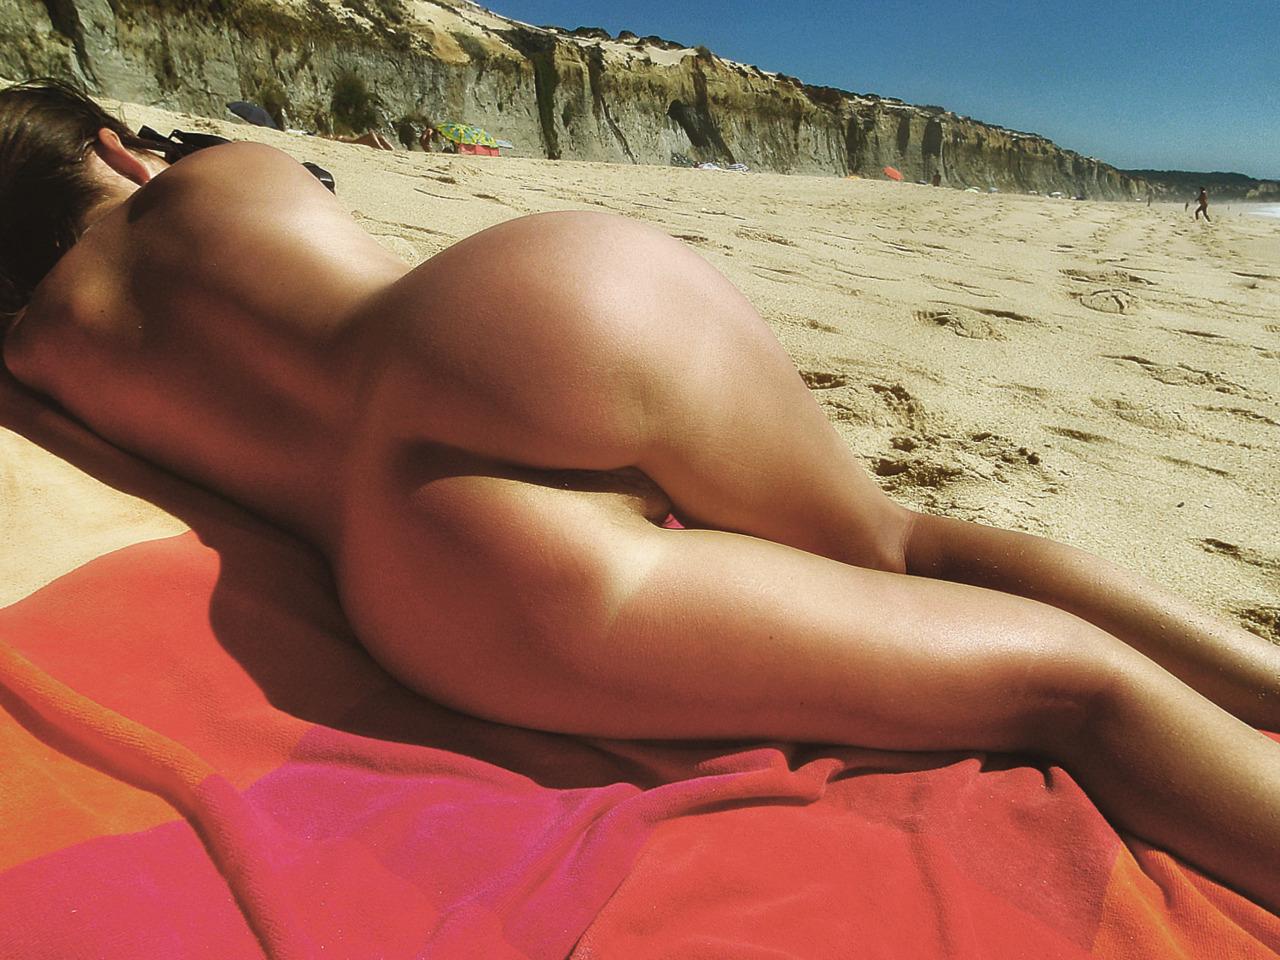 naked beach ass